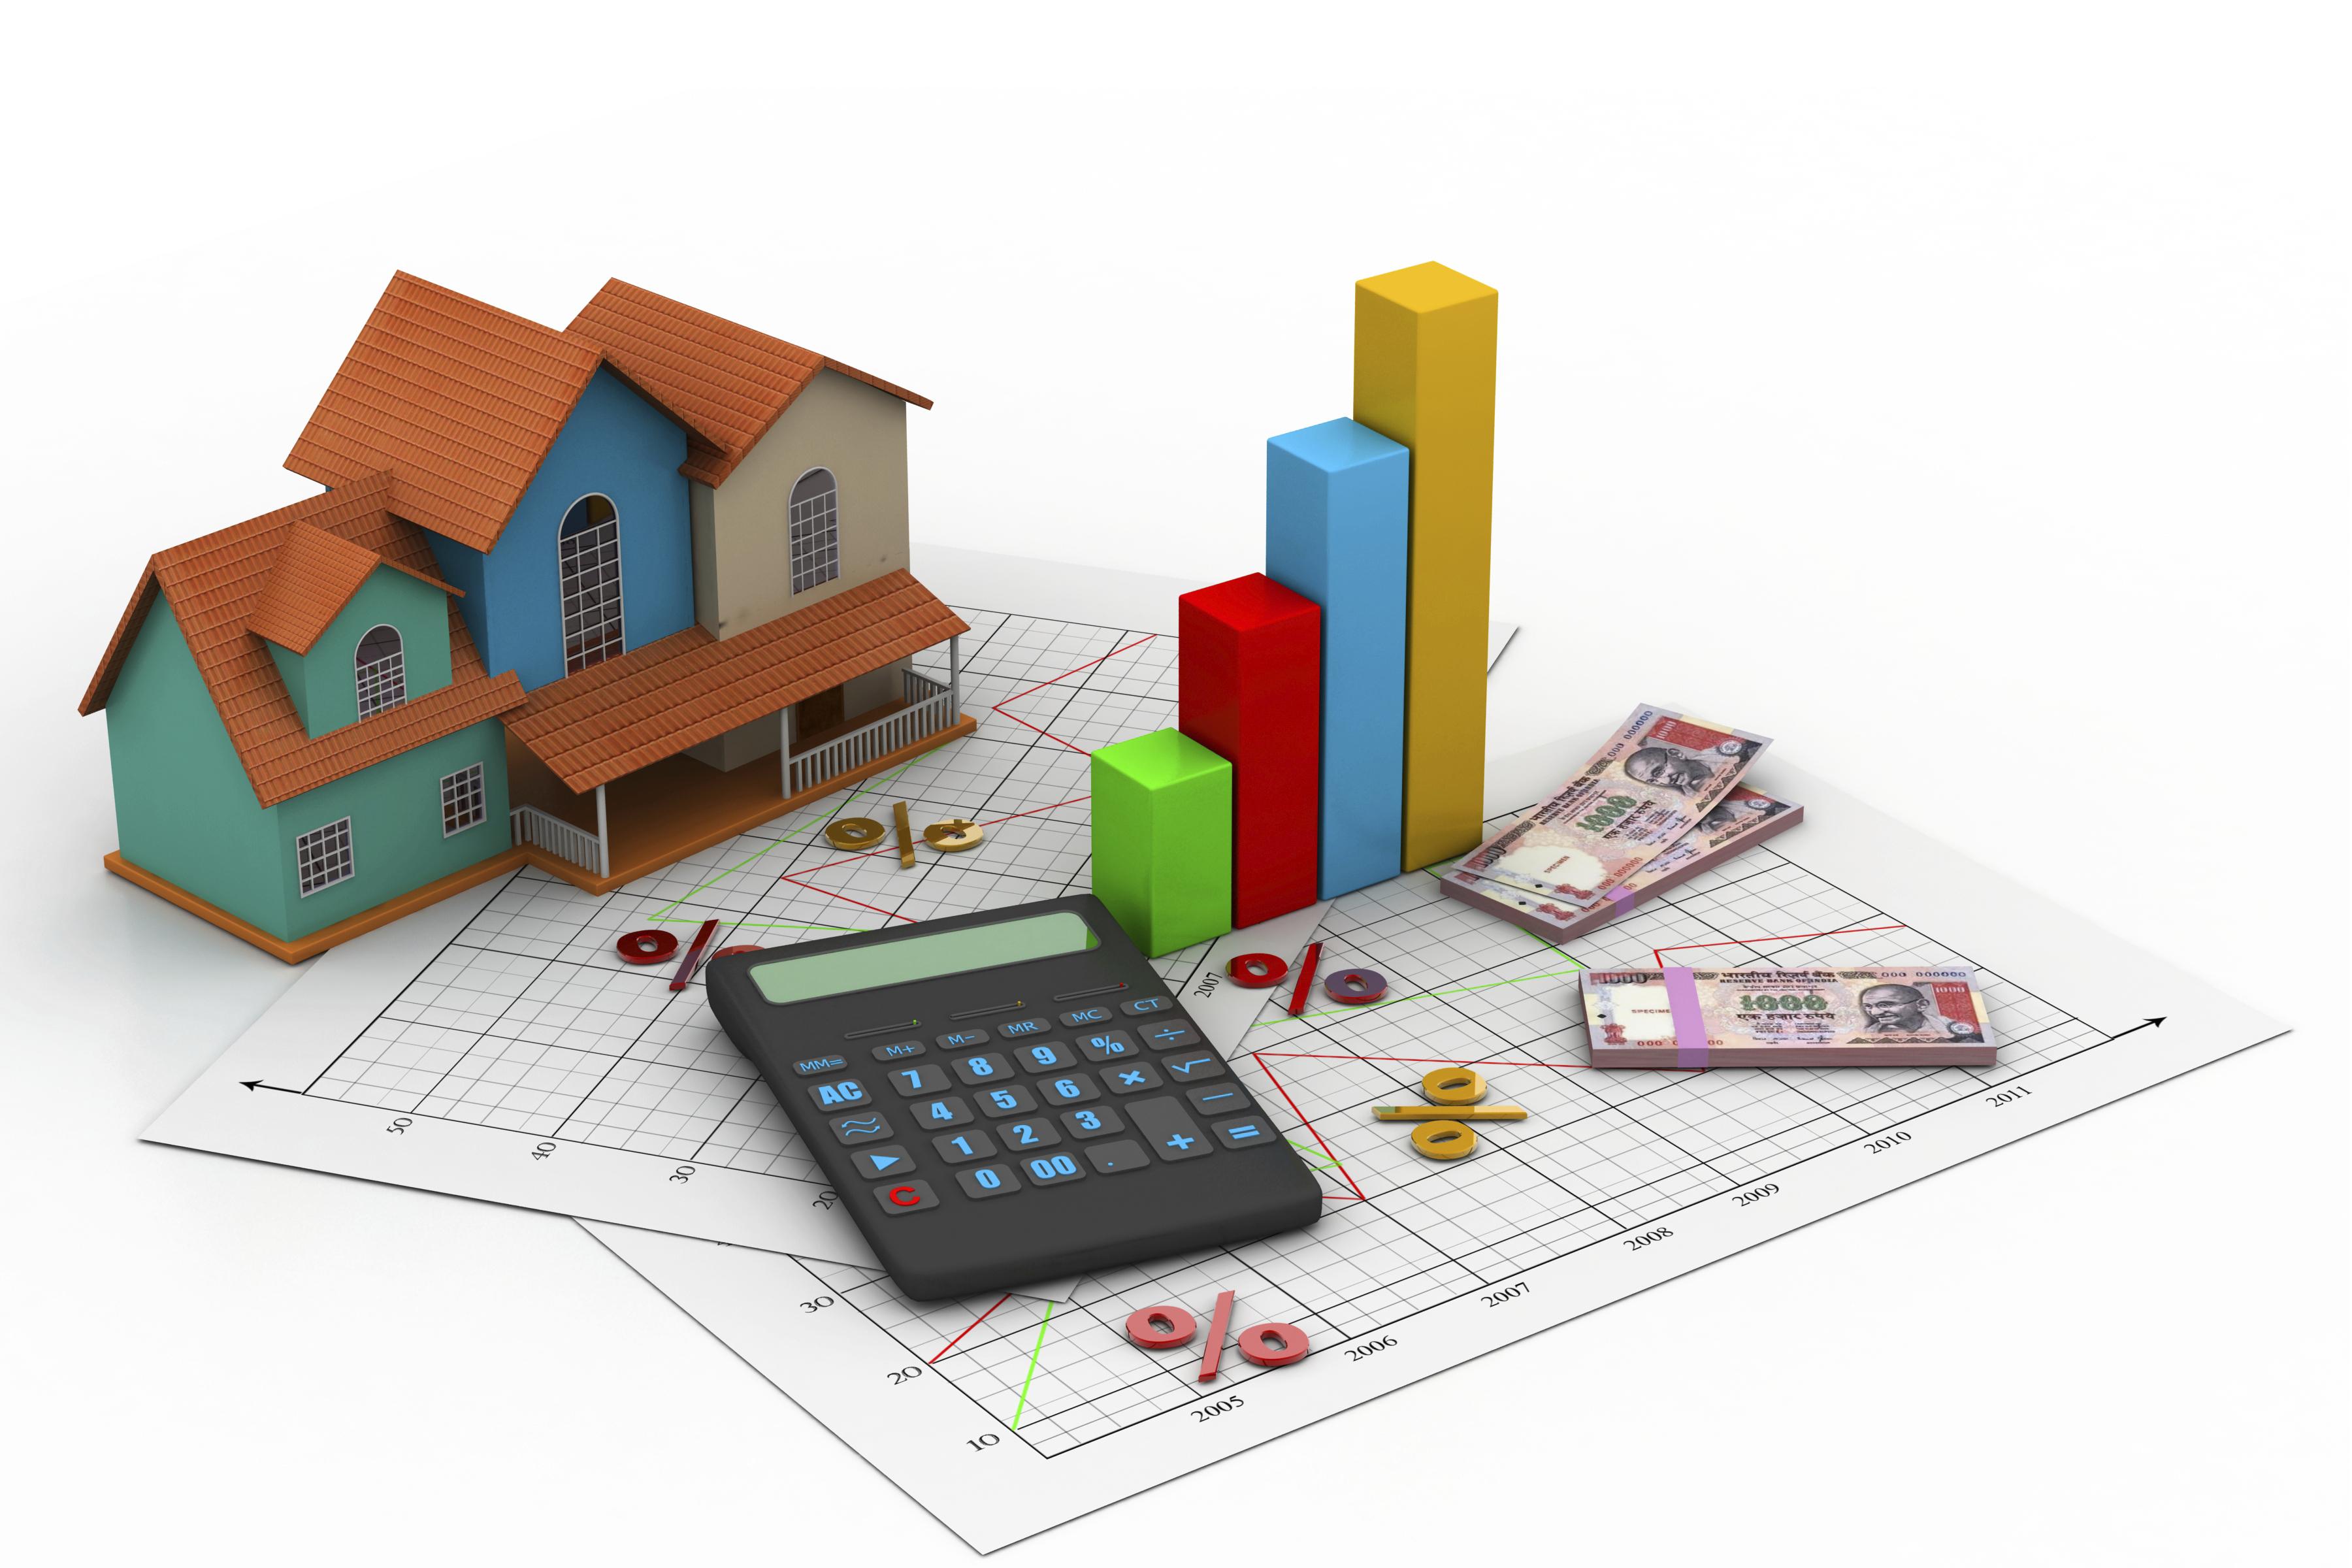 بدايات الإسكان وتصاريح البناء الأمريكية لشهر فبراير دون التوقعات